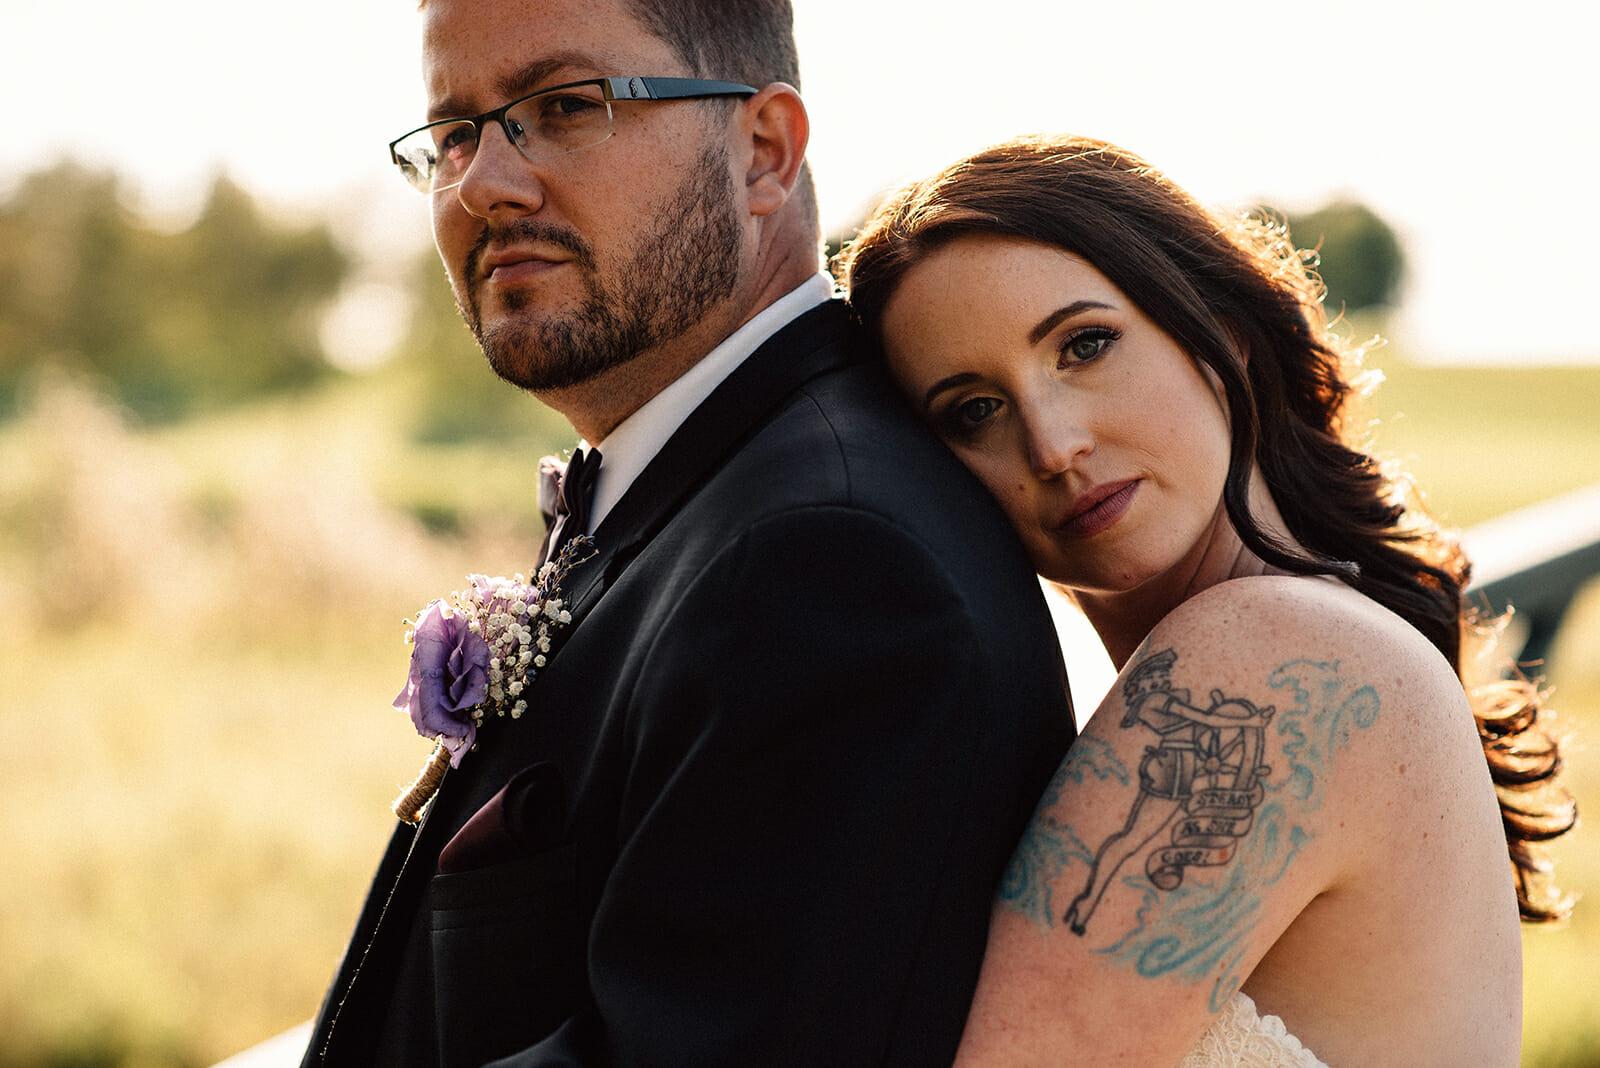 bride cuddles groom from behind